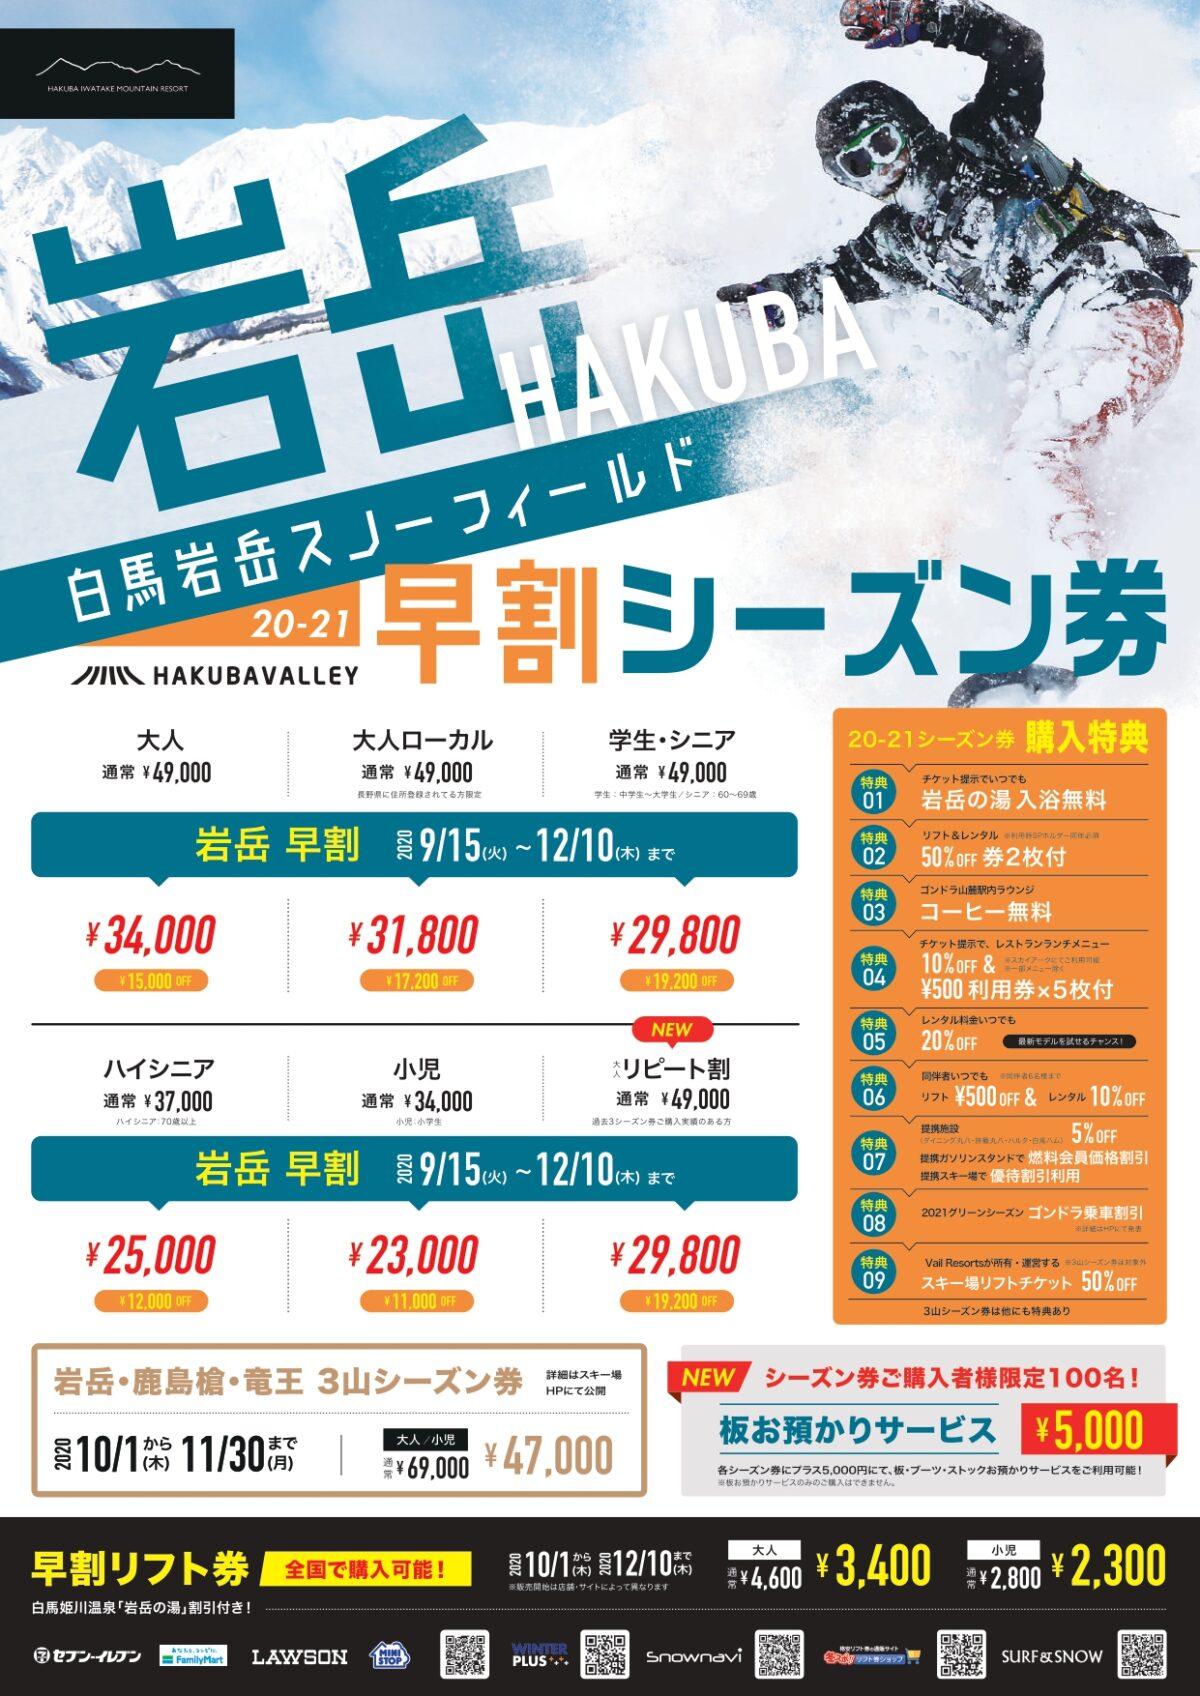 白馬岩岳スノーフィールド【2020-2021シーズン券情報 第2弾】